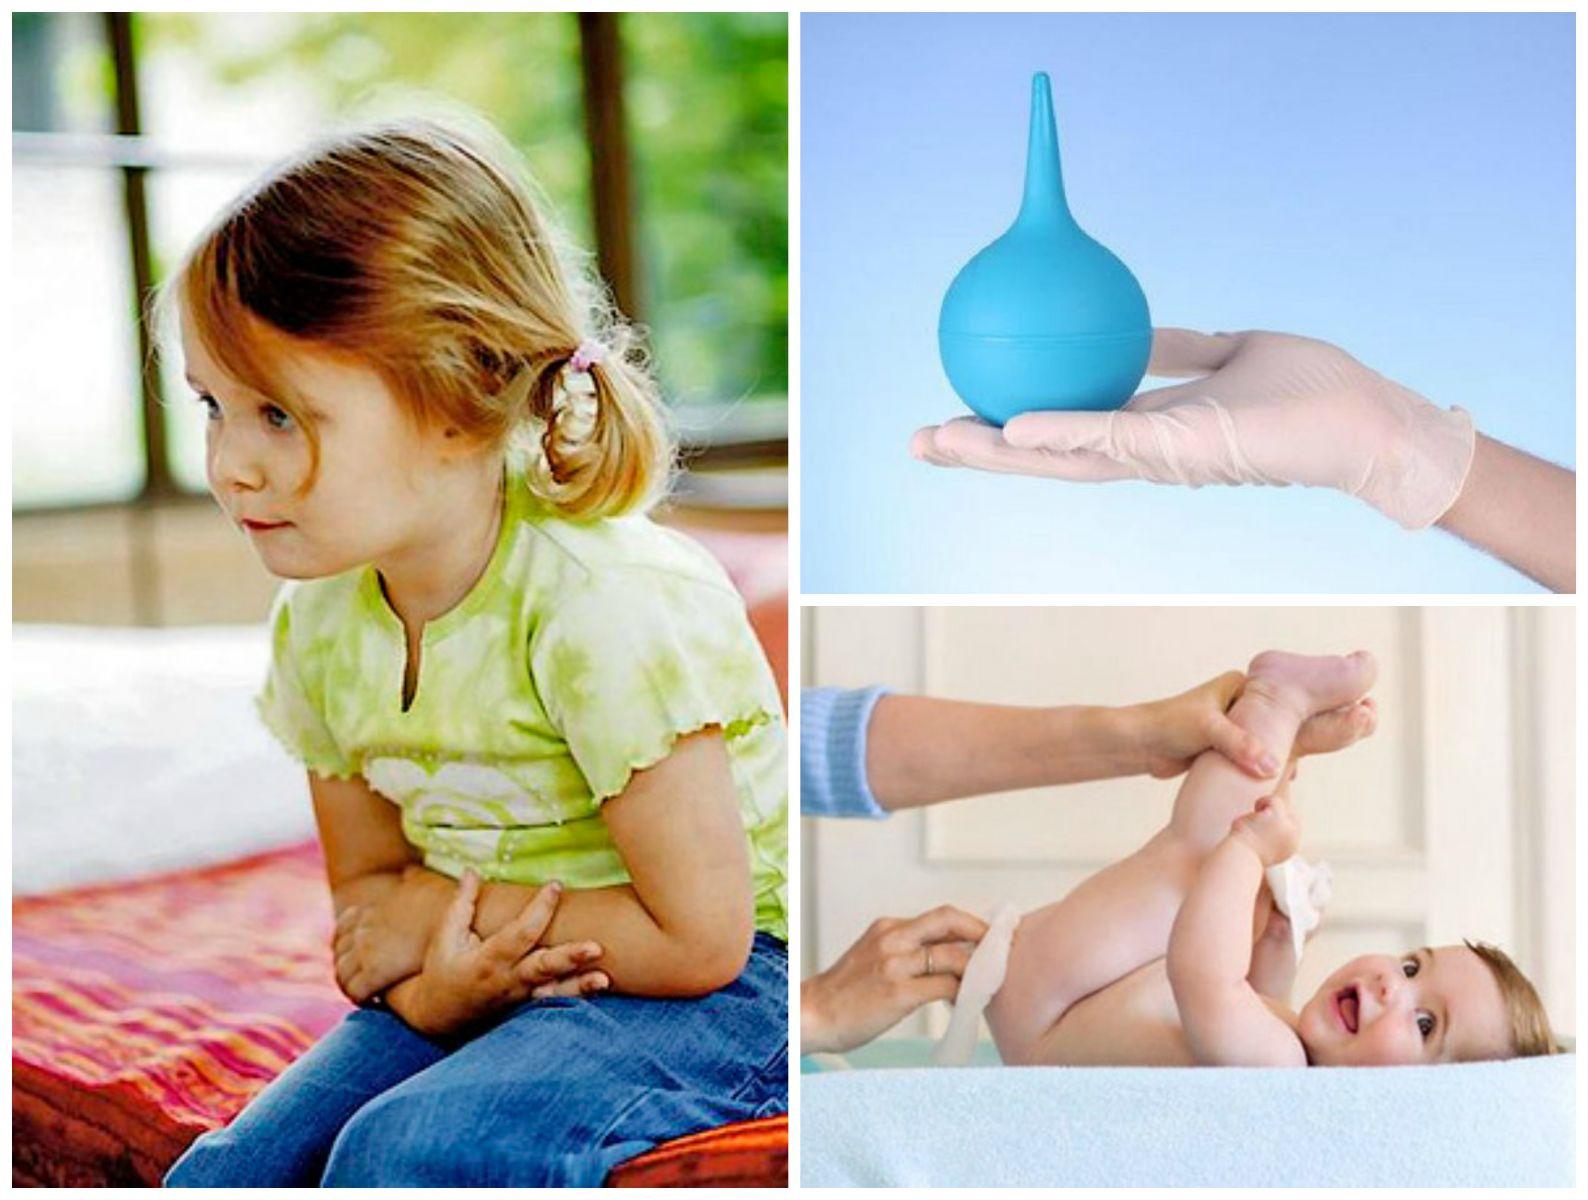 Как сделать клизму месячному ребёнку